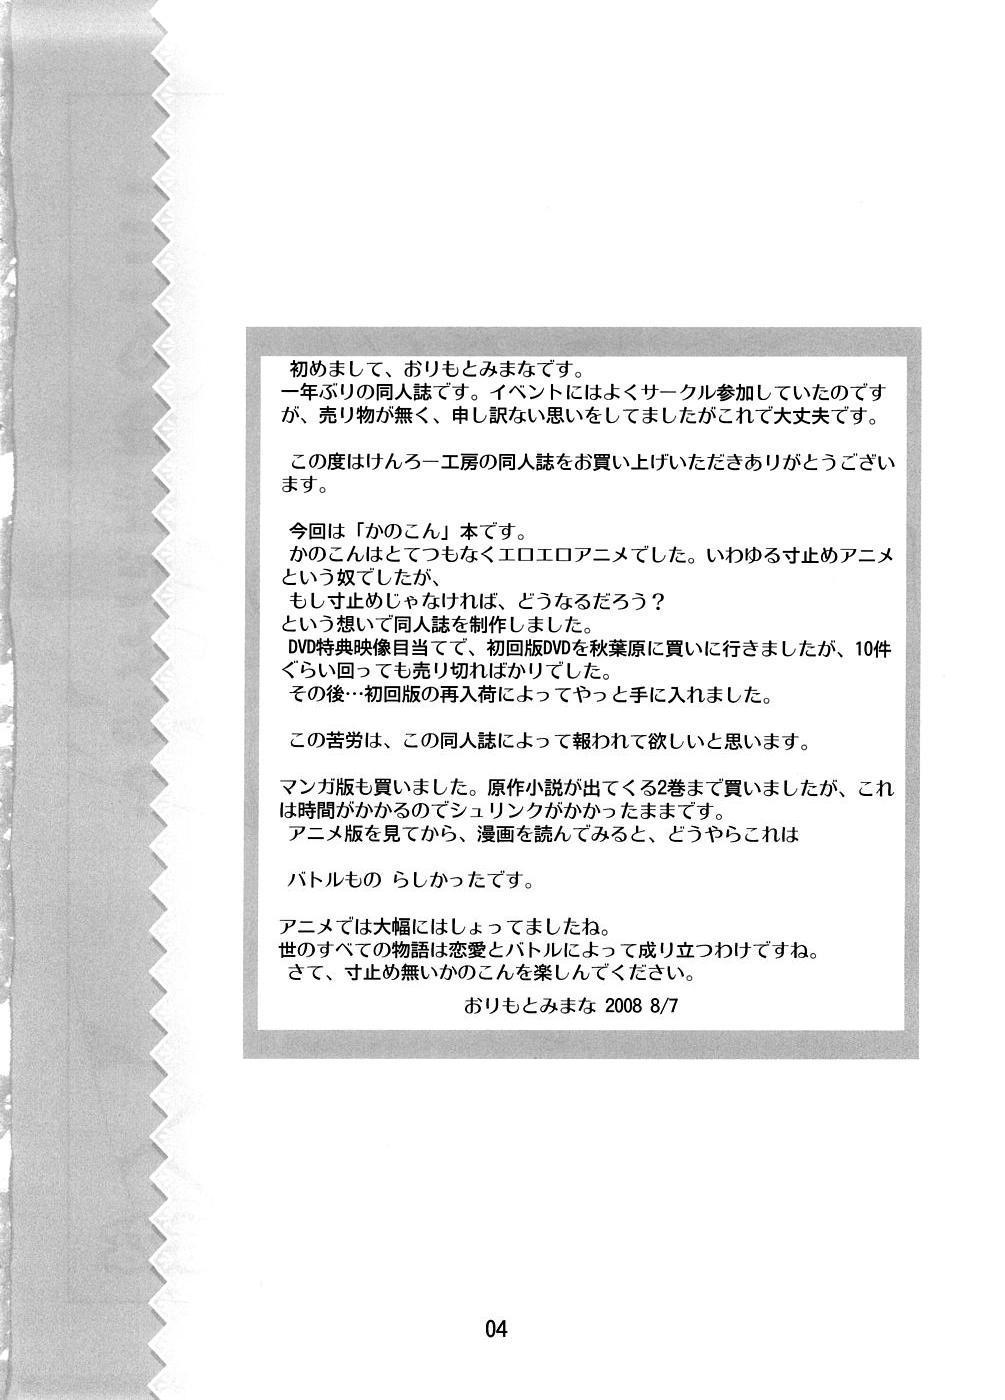 Amaenbo-san Shite Ageru 4